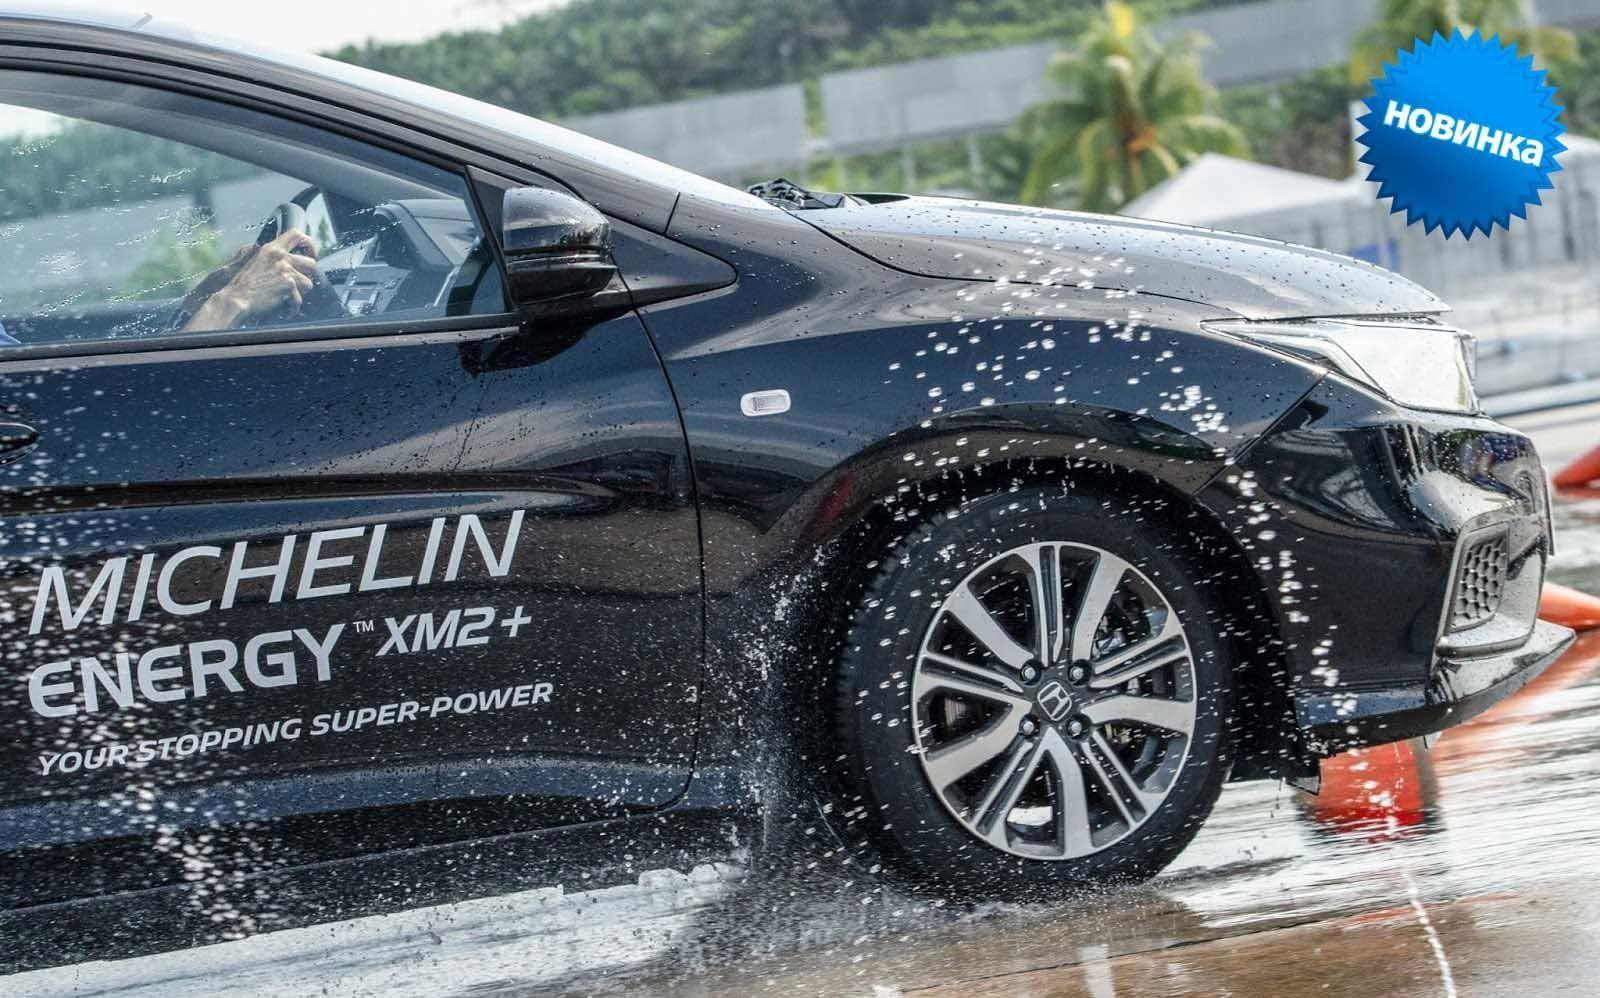 Michelin Energy XM2+ - безопасность вопреки износу